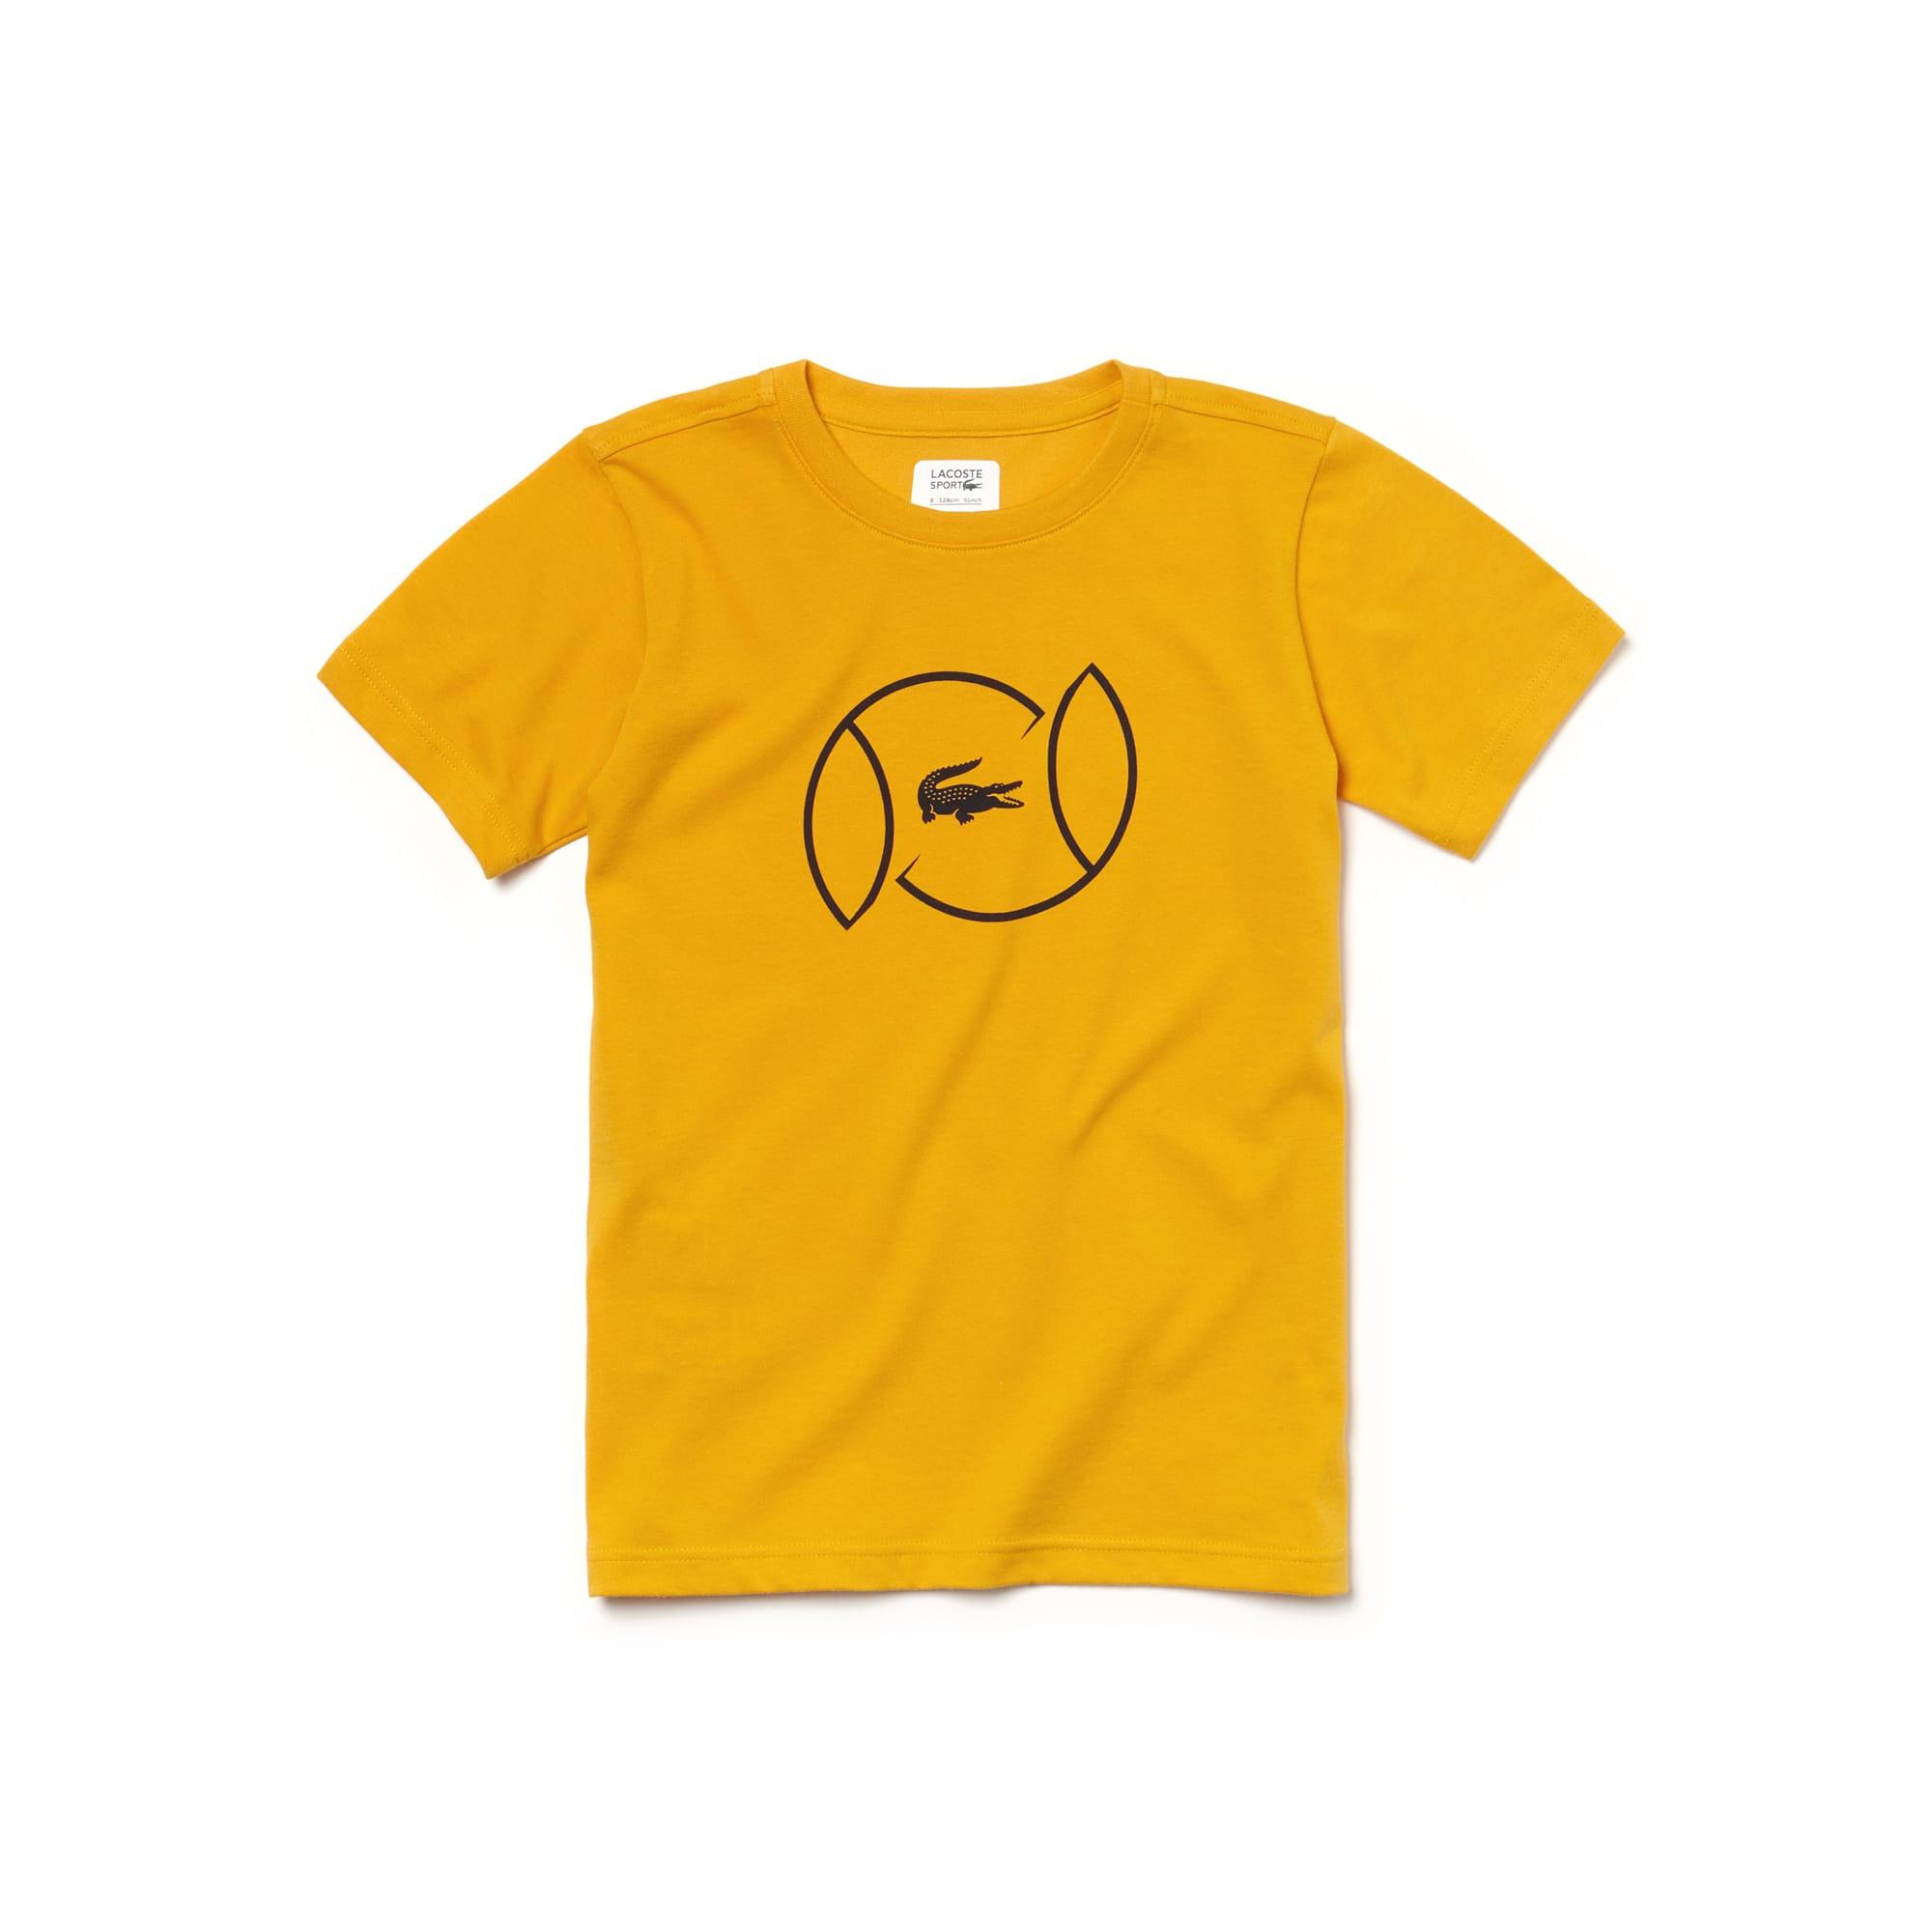 T-shirt Menino Tennis Lacoste SPORT em jersey técnico com marcação